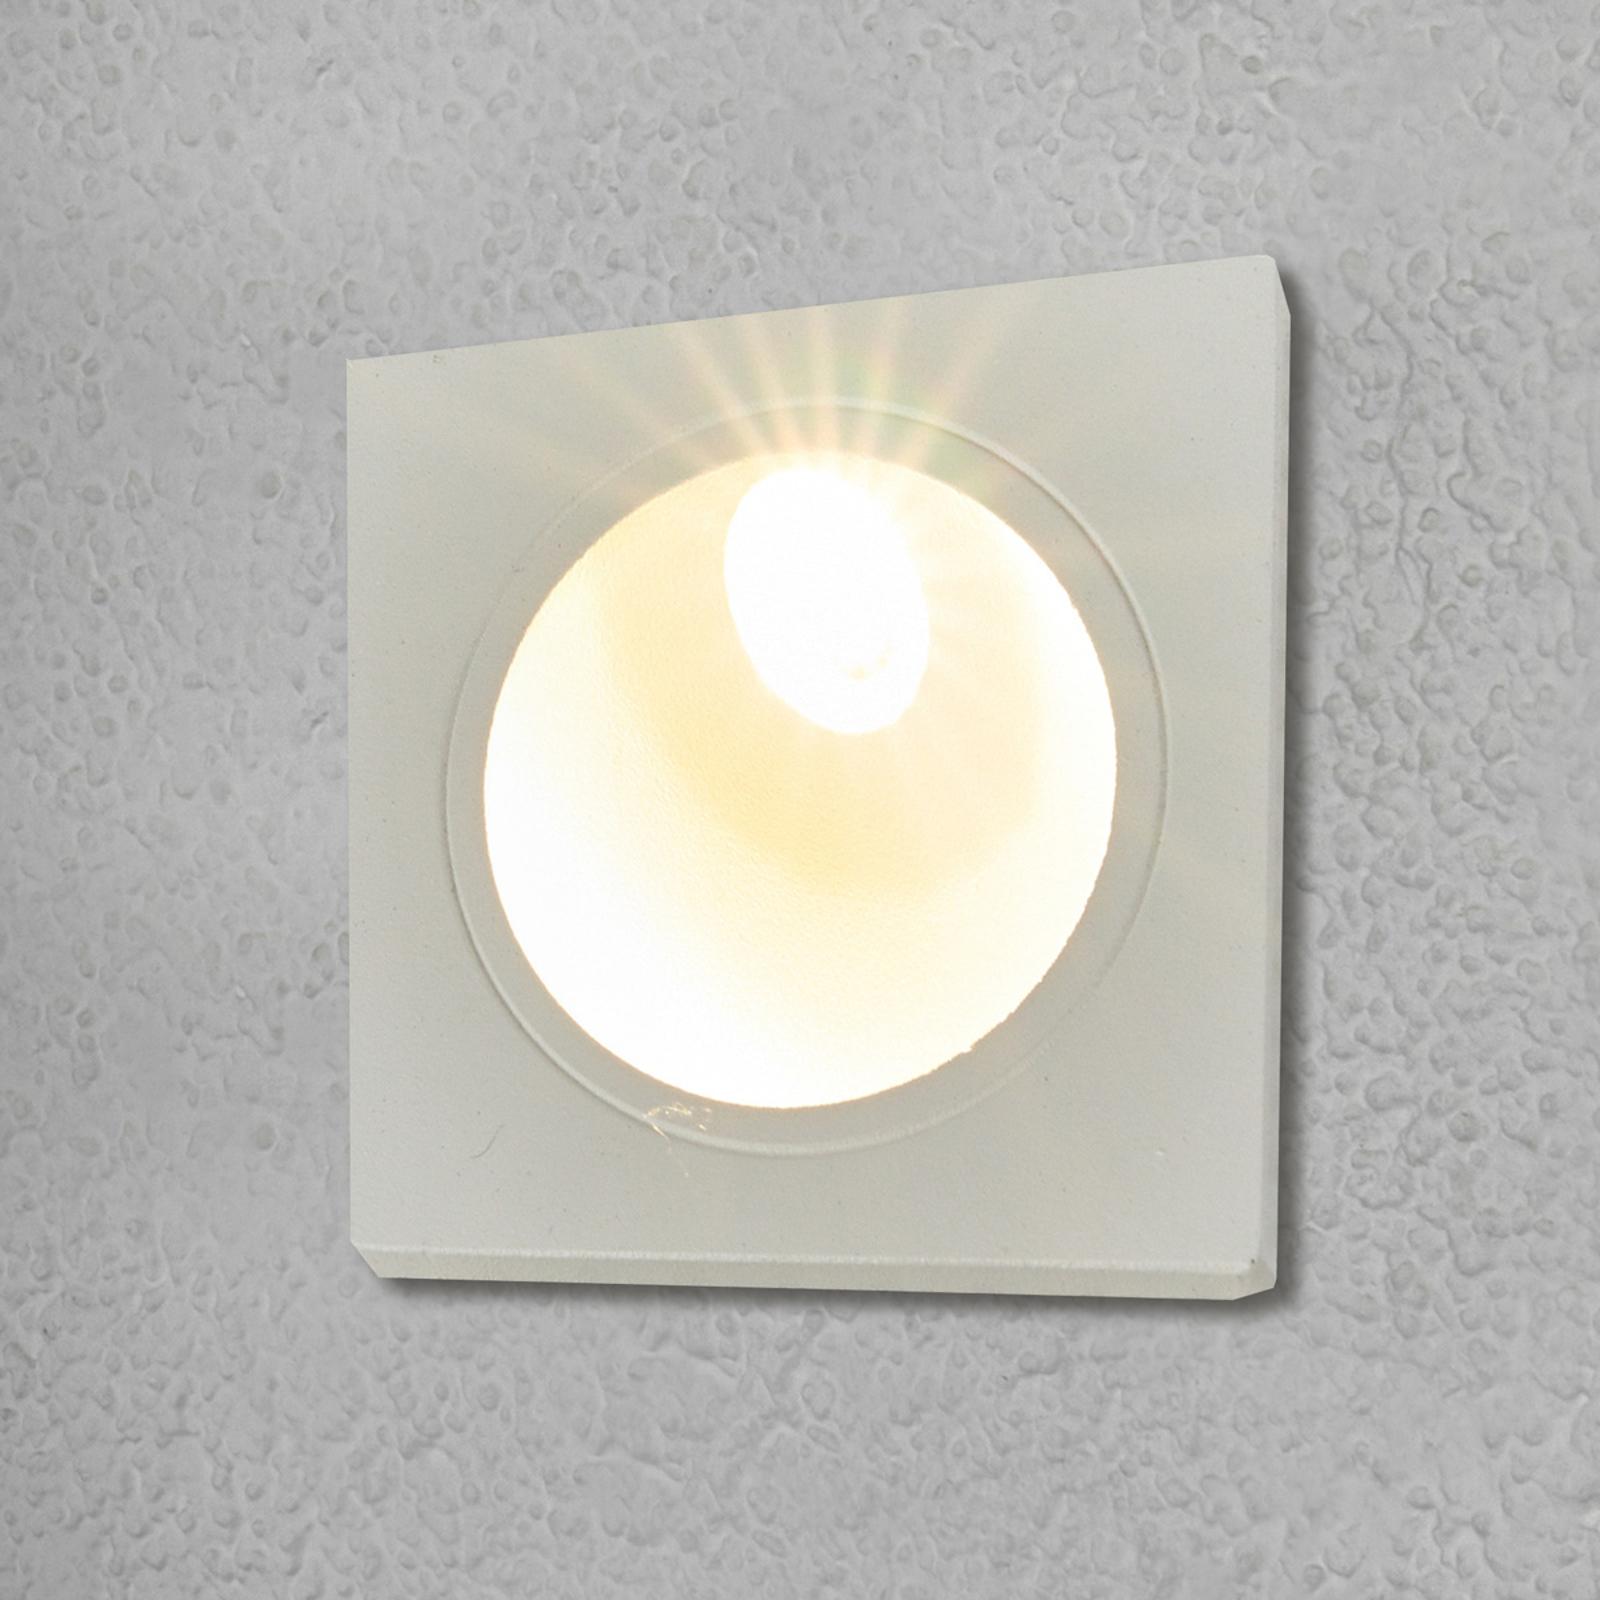 Wandeinbauleuchte Ian für außen, mit LEDs